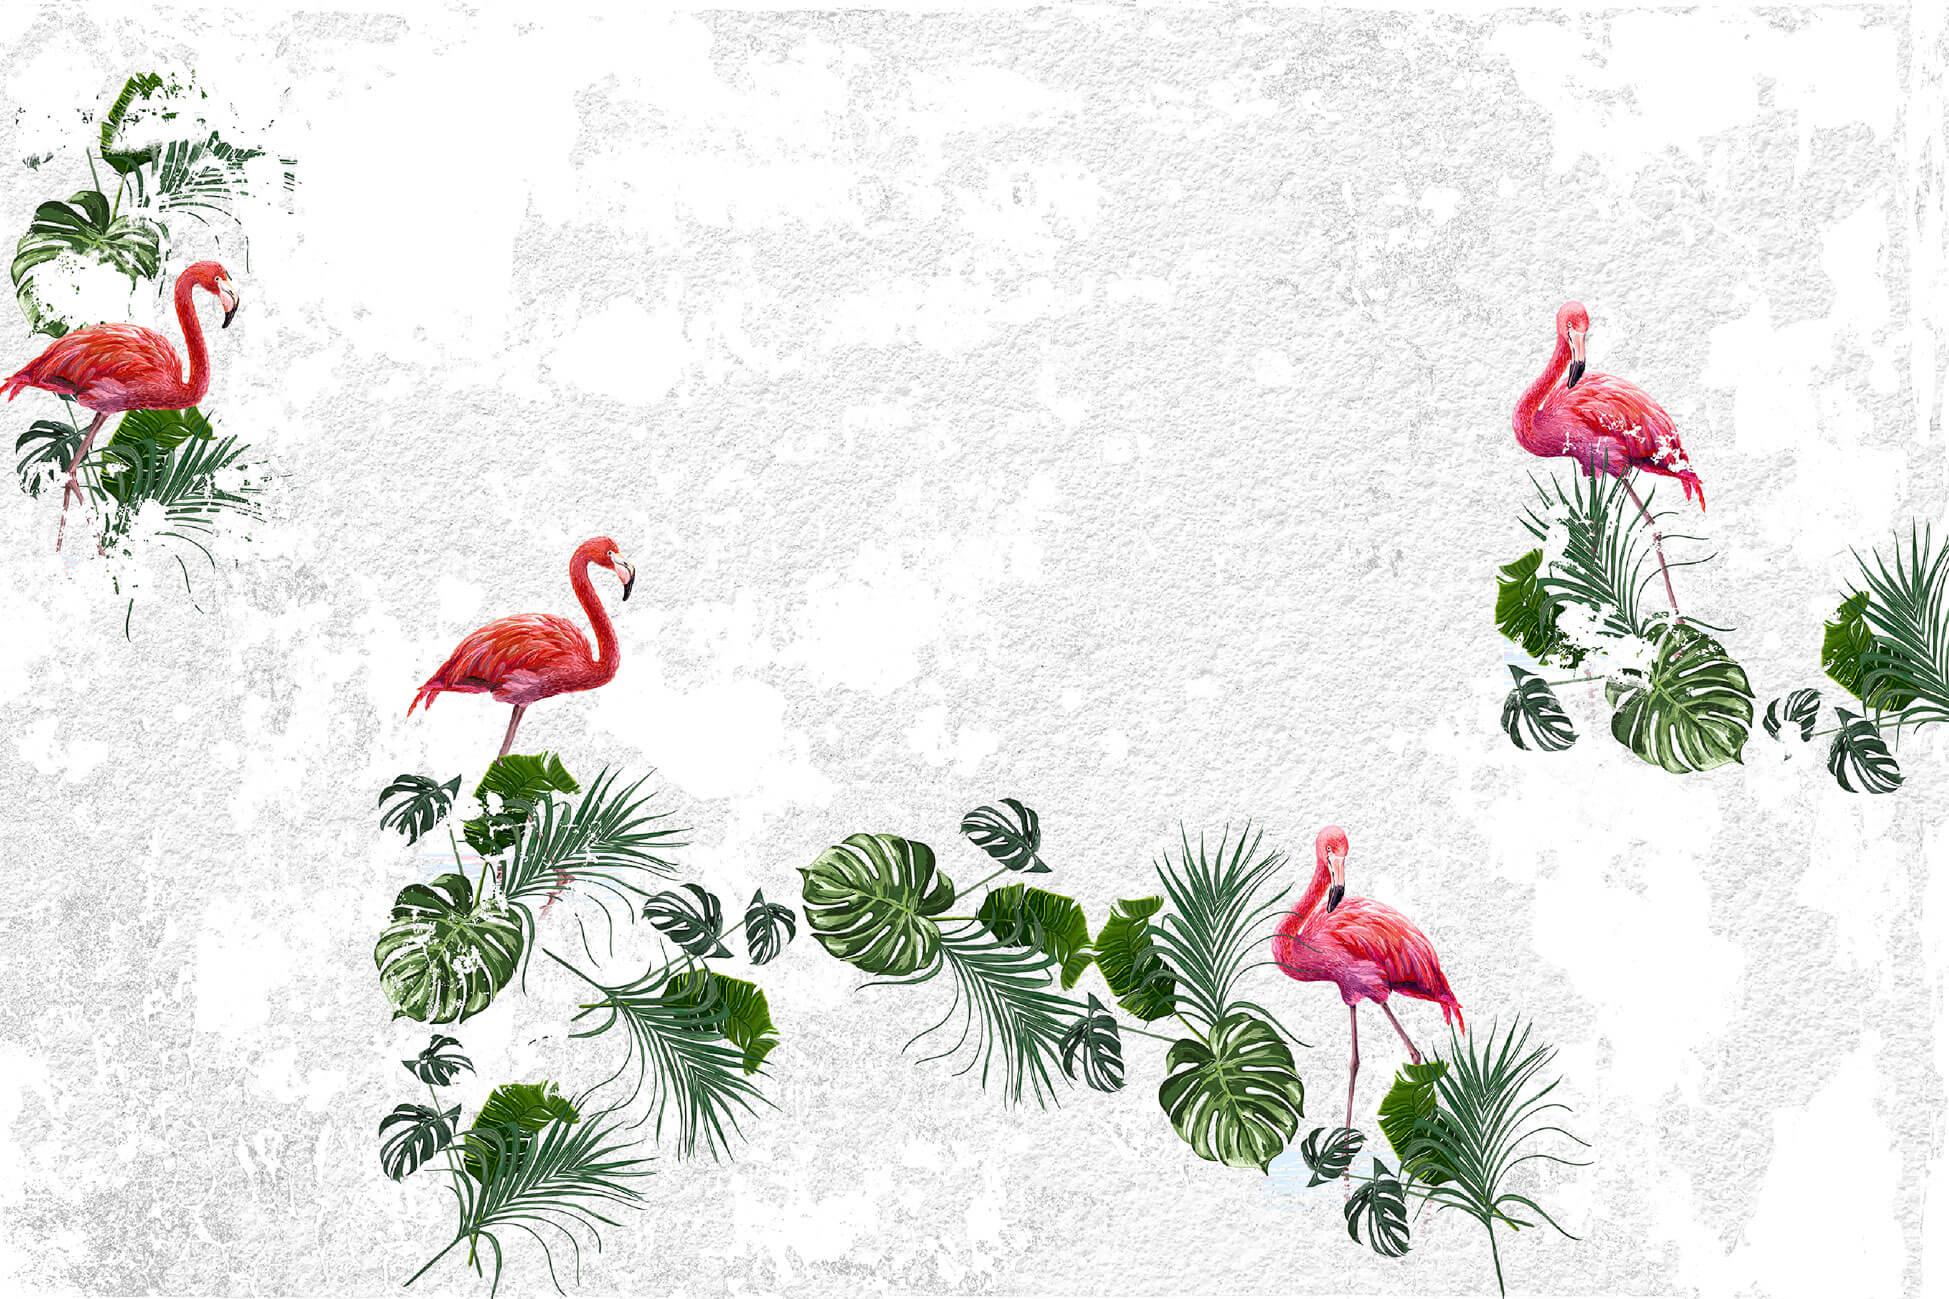 news-2018—bird-garden-01